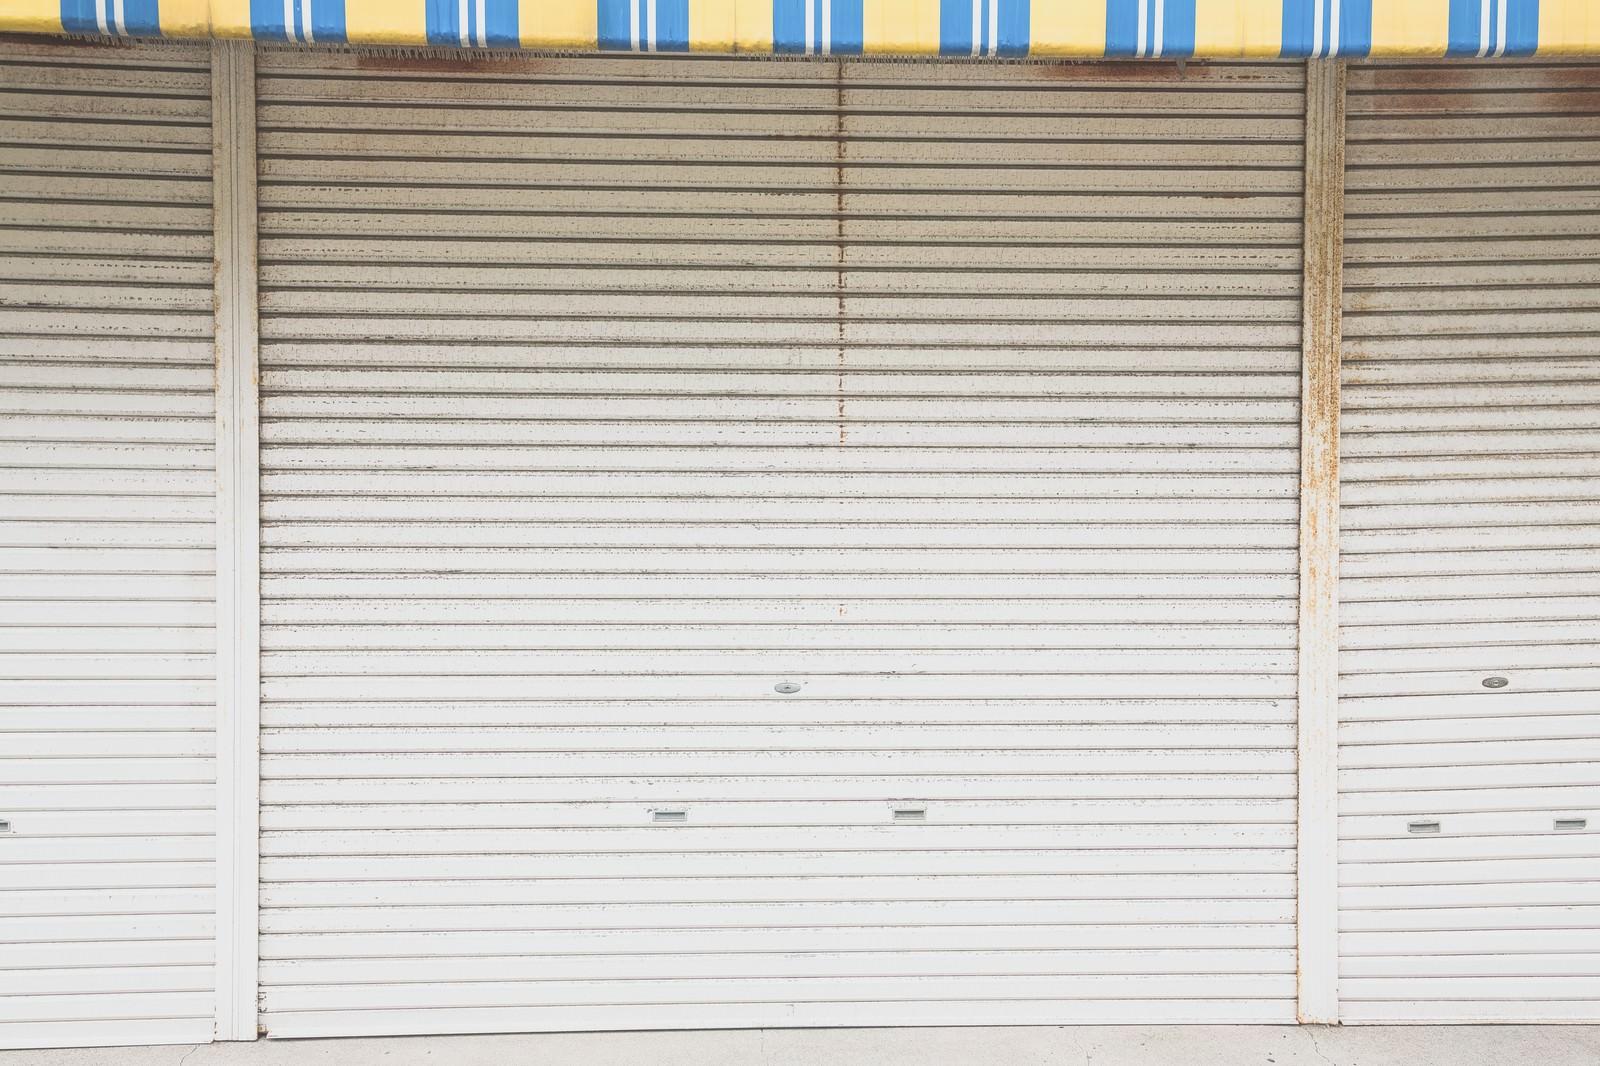 「商店街のシャッター」の写真